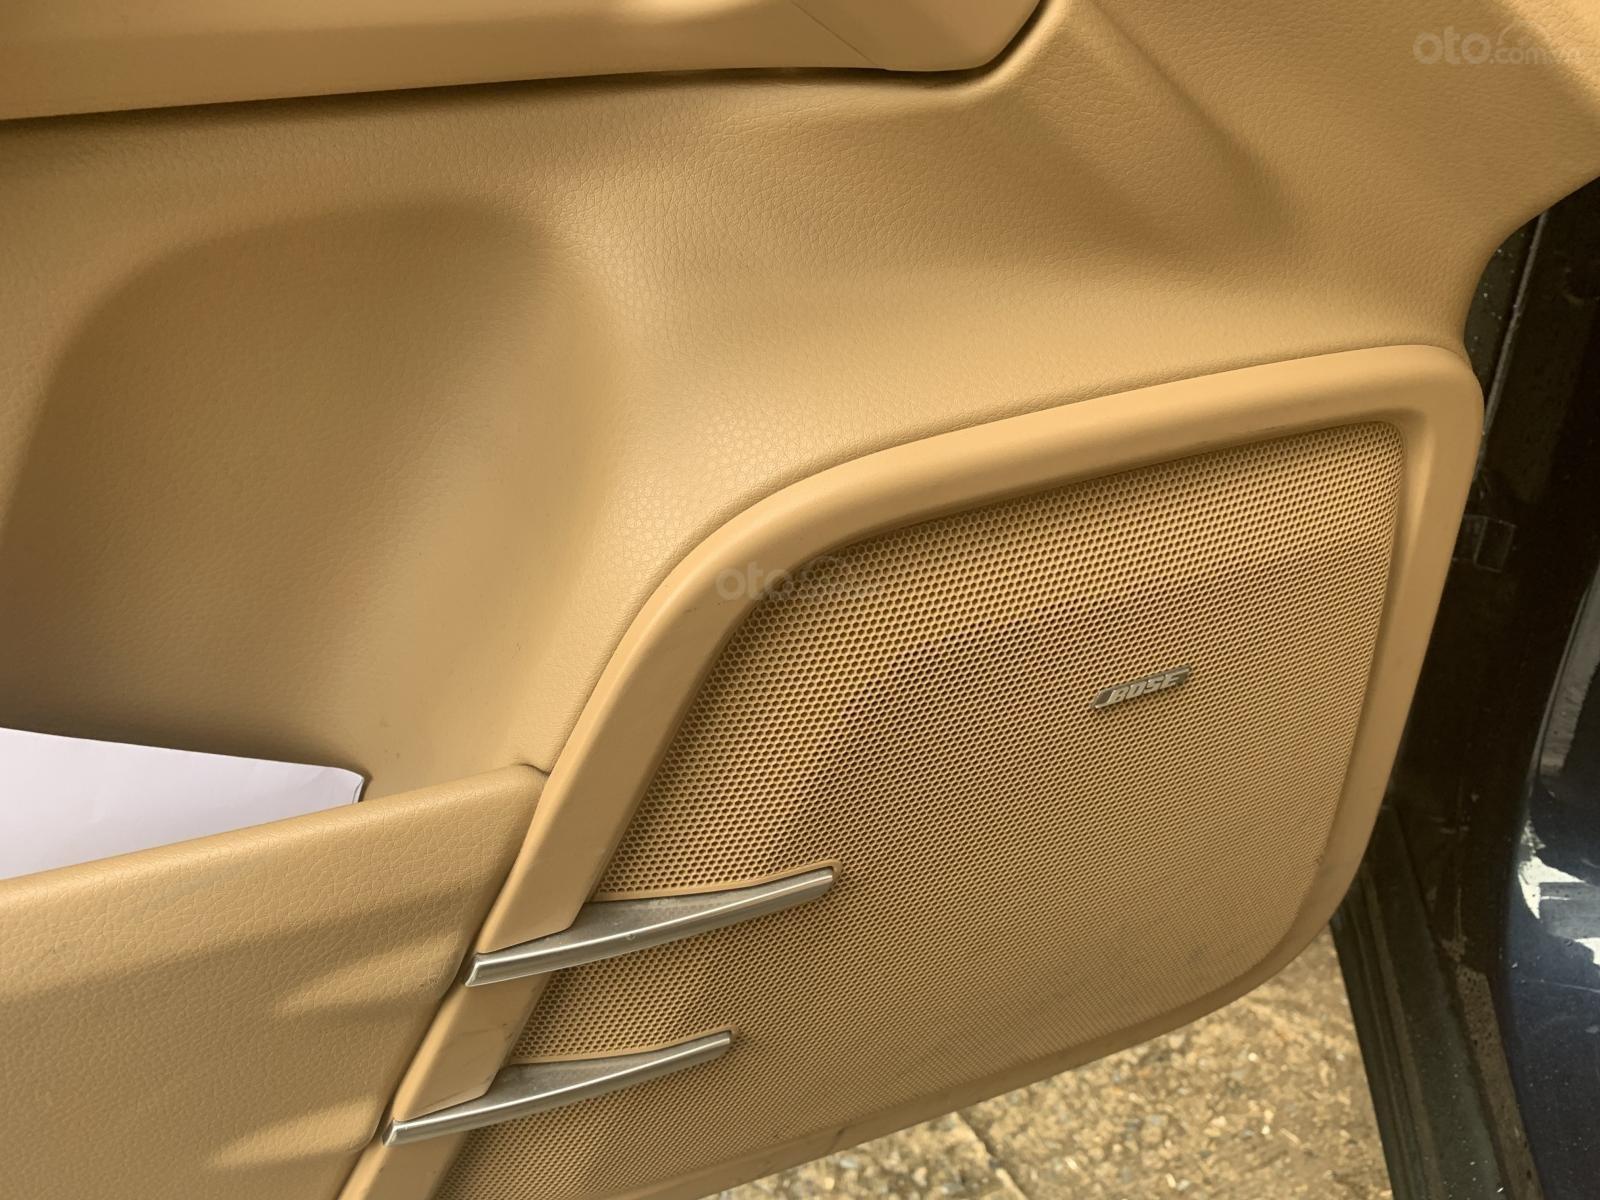 Cần bán gấp Porsche Cayenne S đời 2012, màu xanh lam, nhập khẩu nguyên chiếc số tự động-4